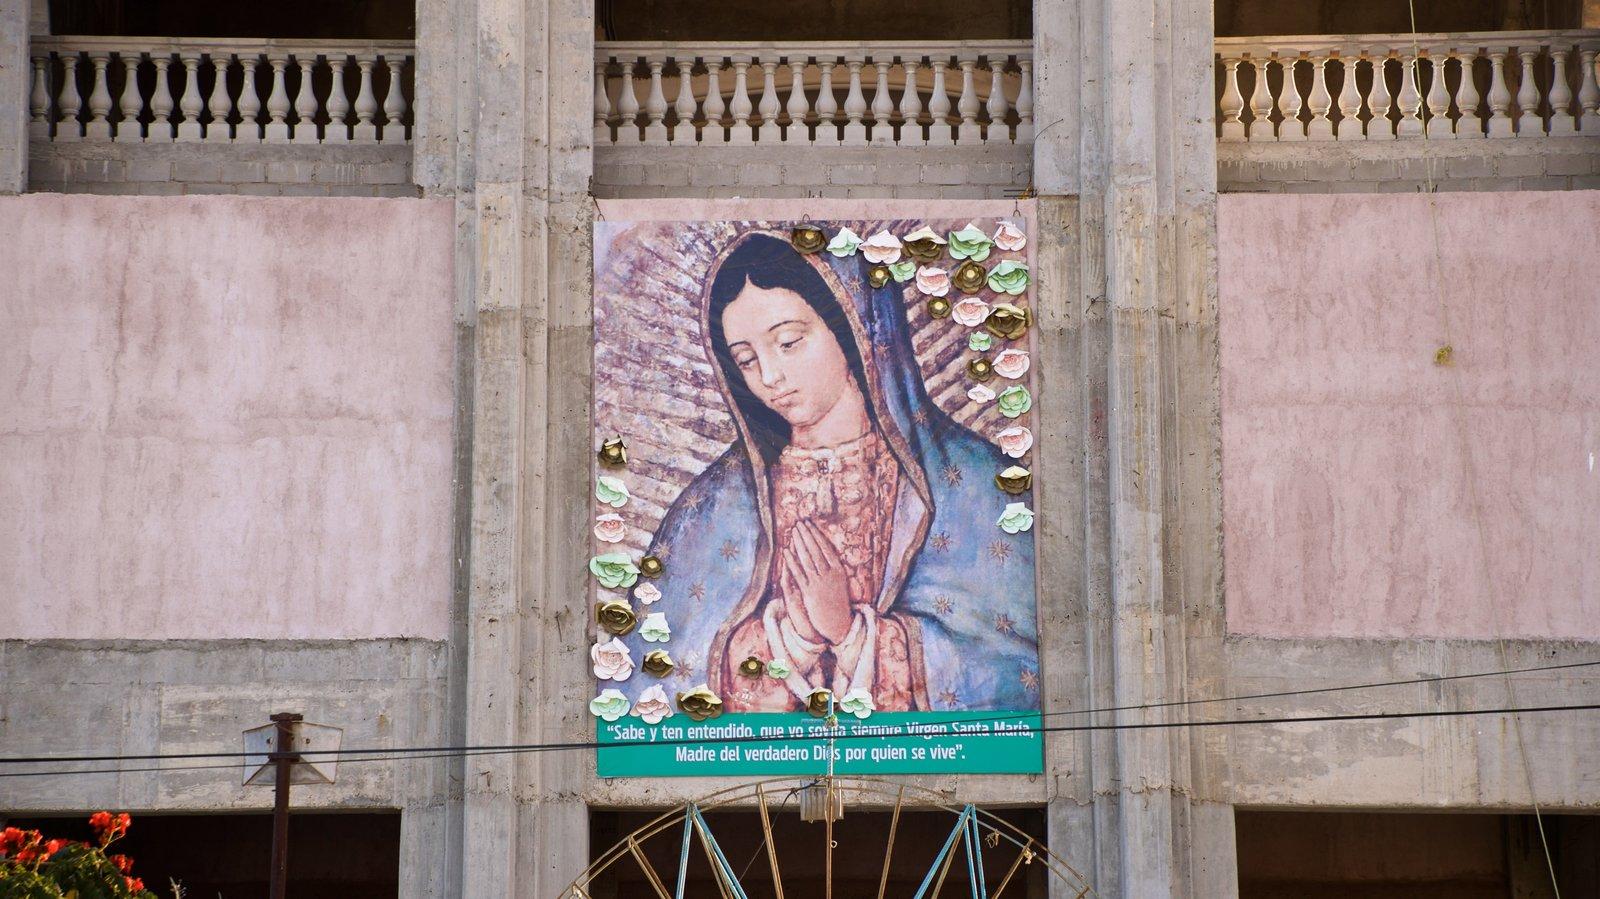 Santuario de la Virgen de Guadalupe mostrando elementos religiosos